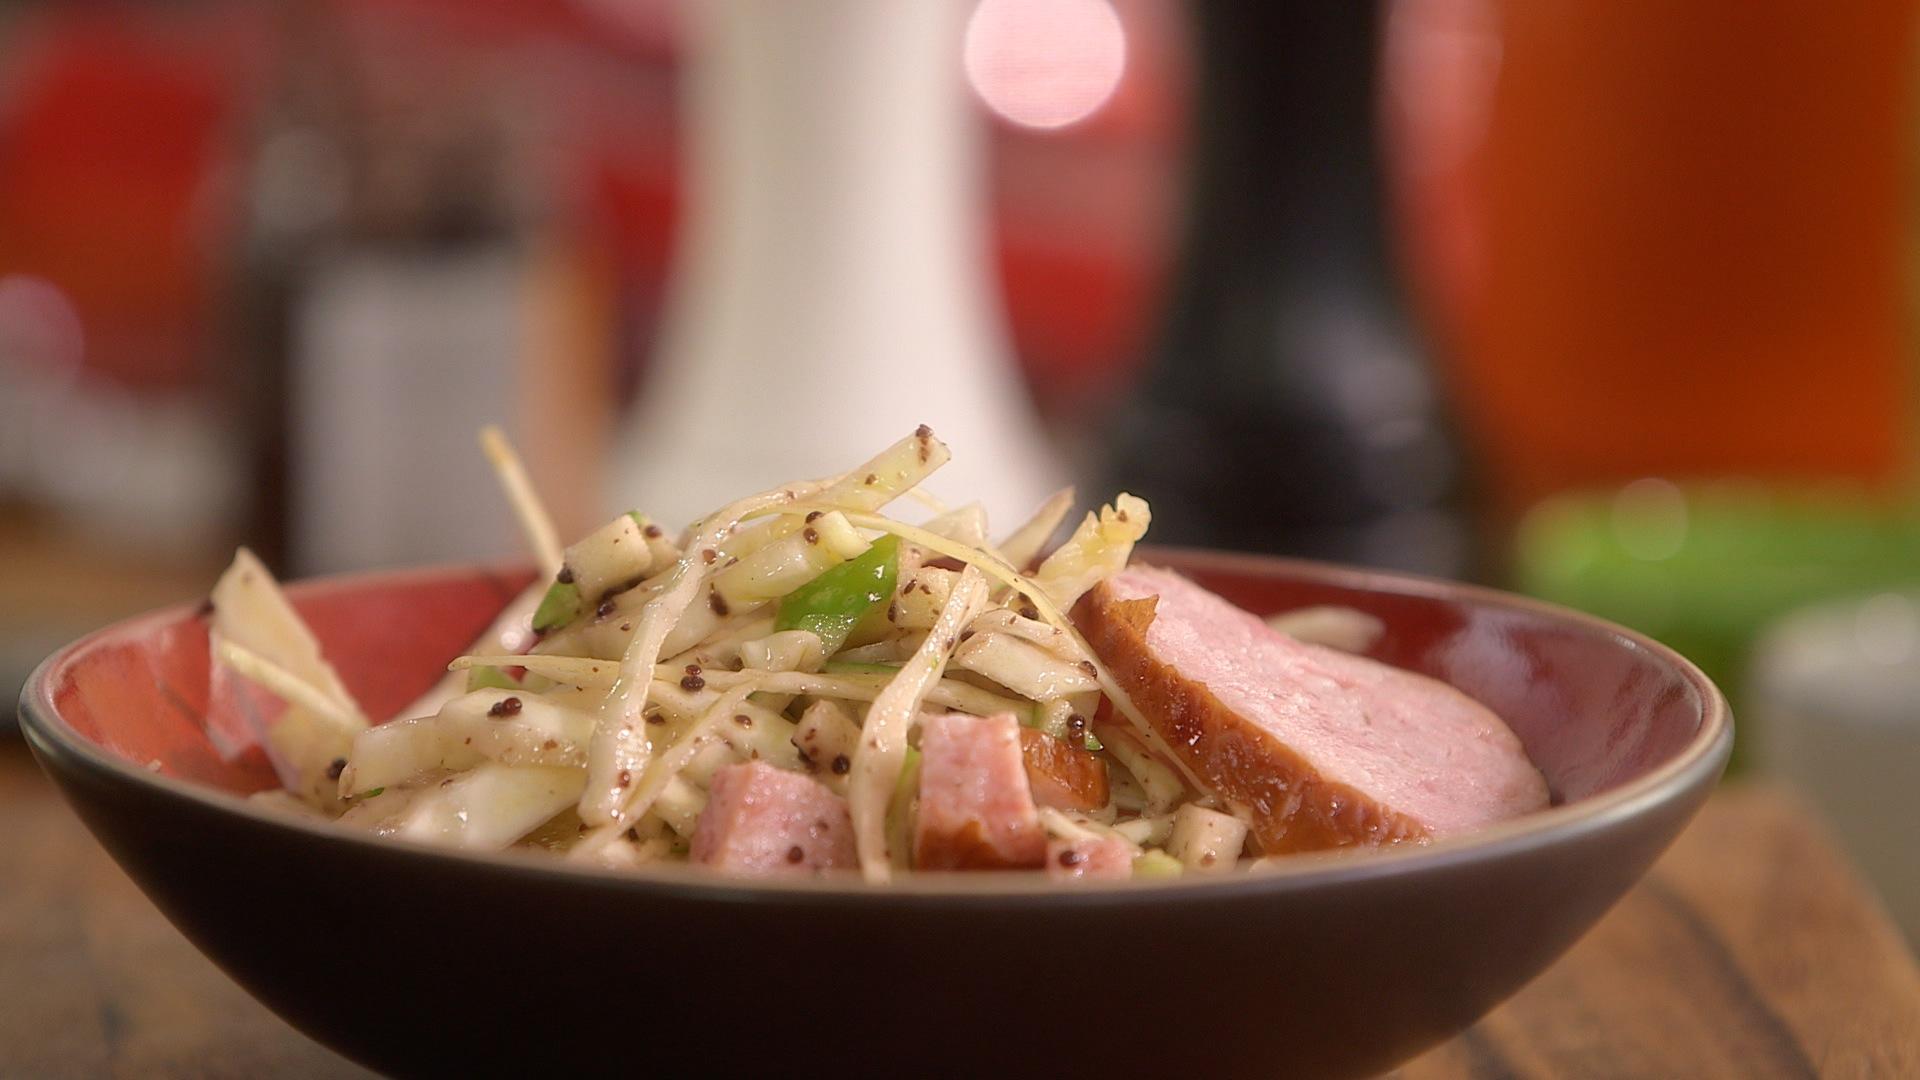 Ma recette de salade de chou et morteau laurent mariotte - Recette desherbant vinaigre blanc ...